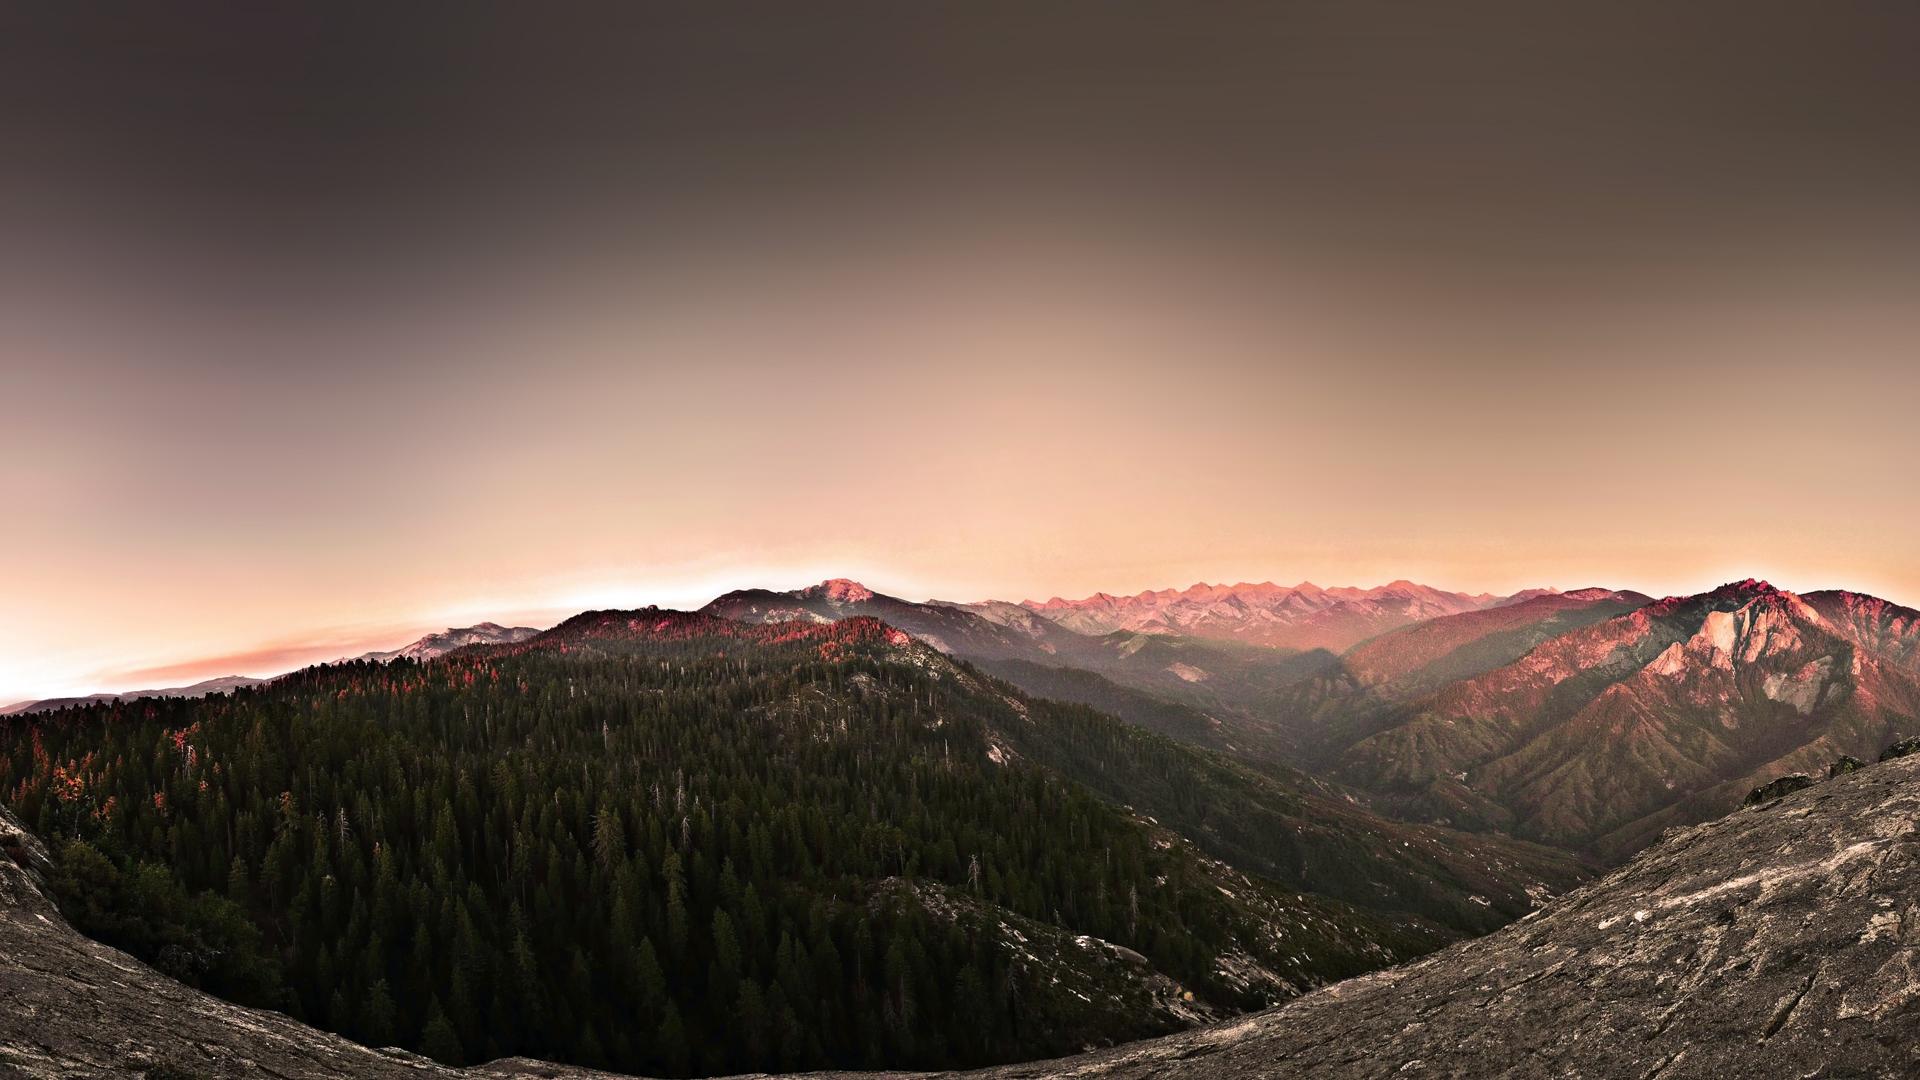 mountain peaks landscape wallpaper hd 33579